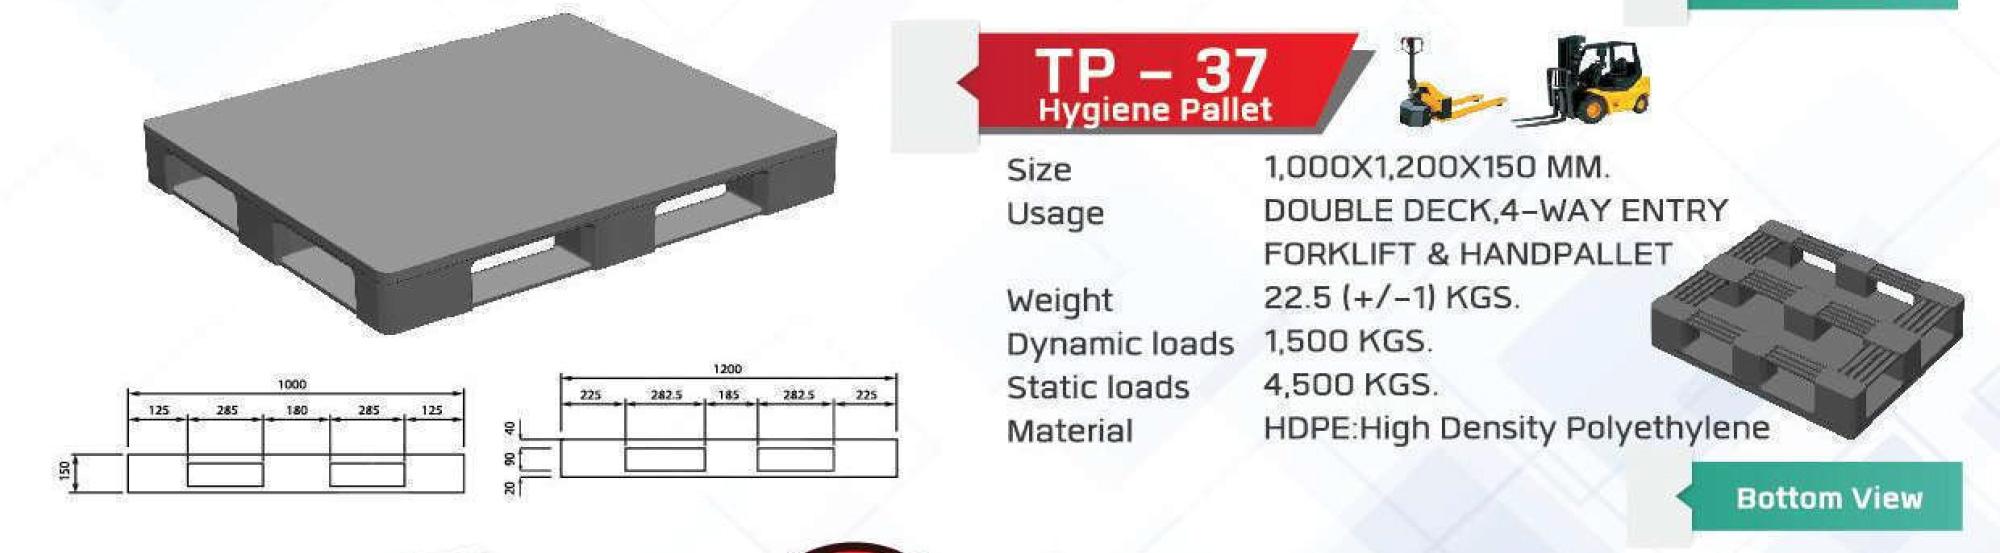 Non-Reversible-pallet-TP-37